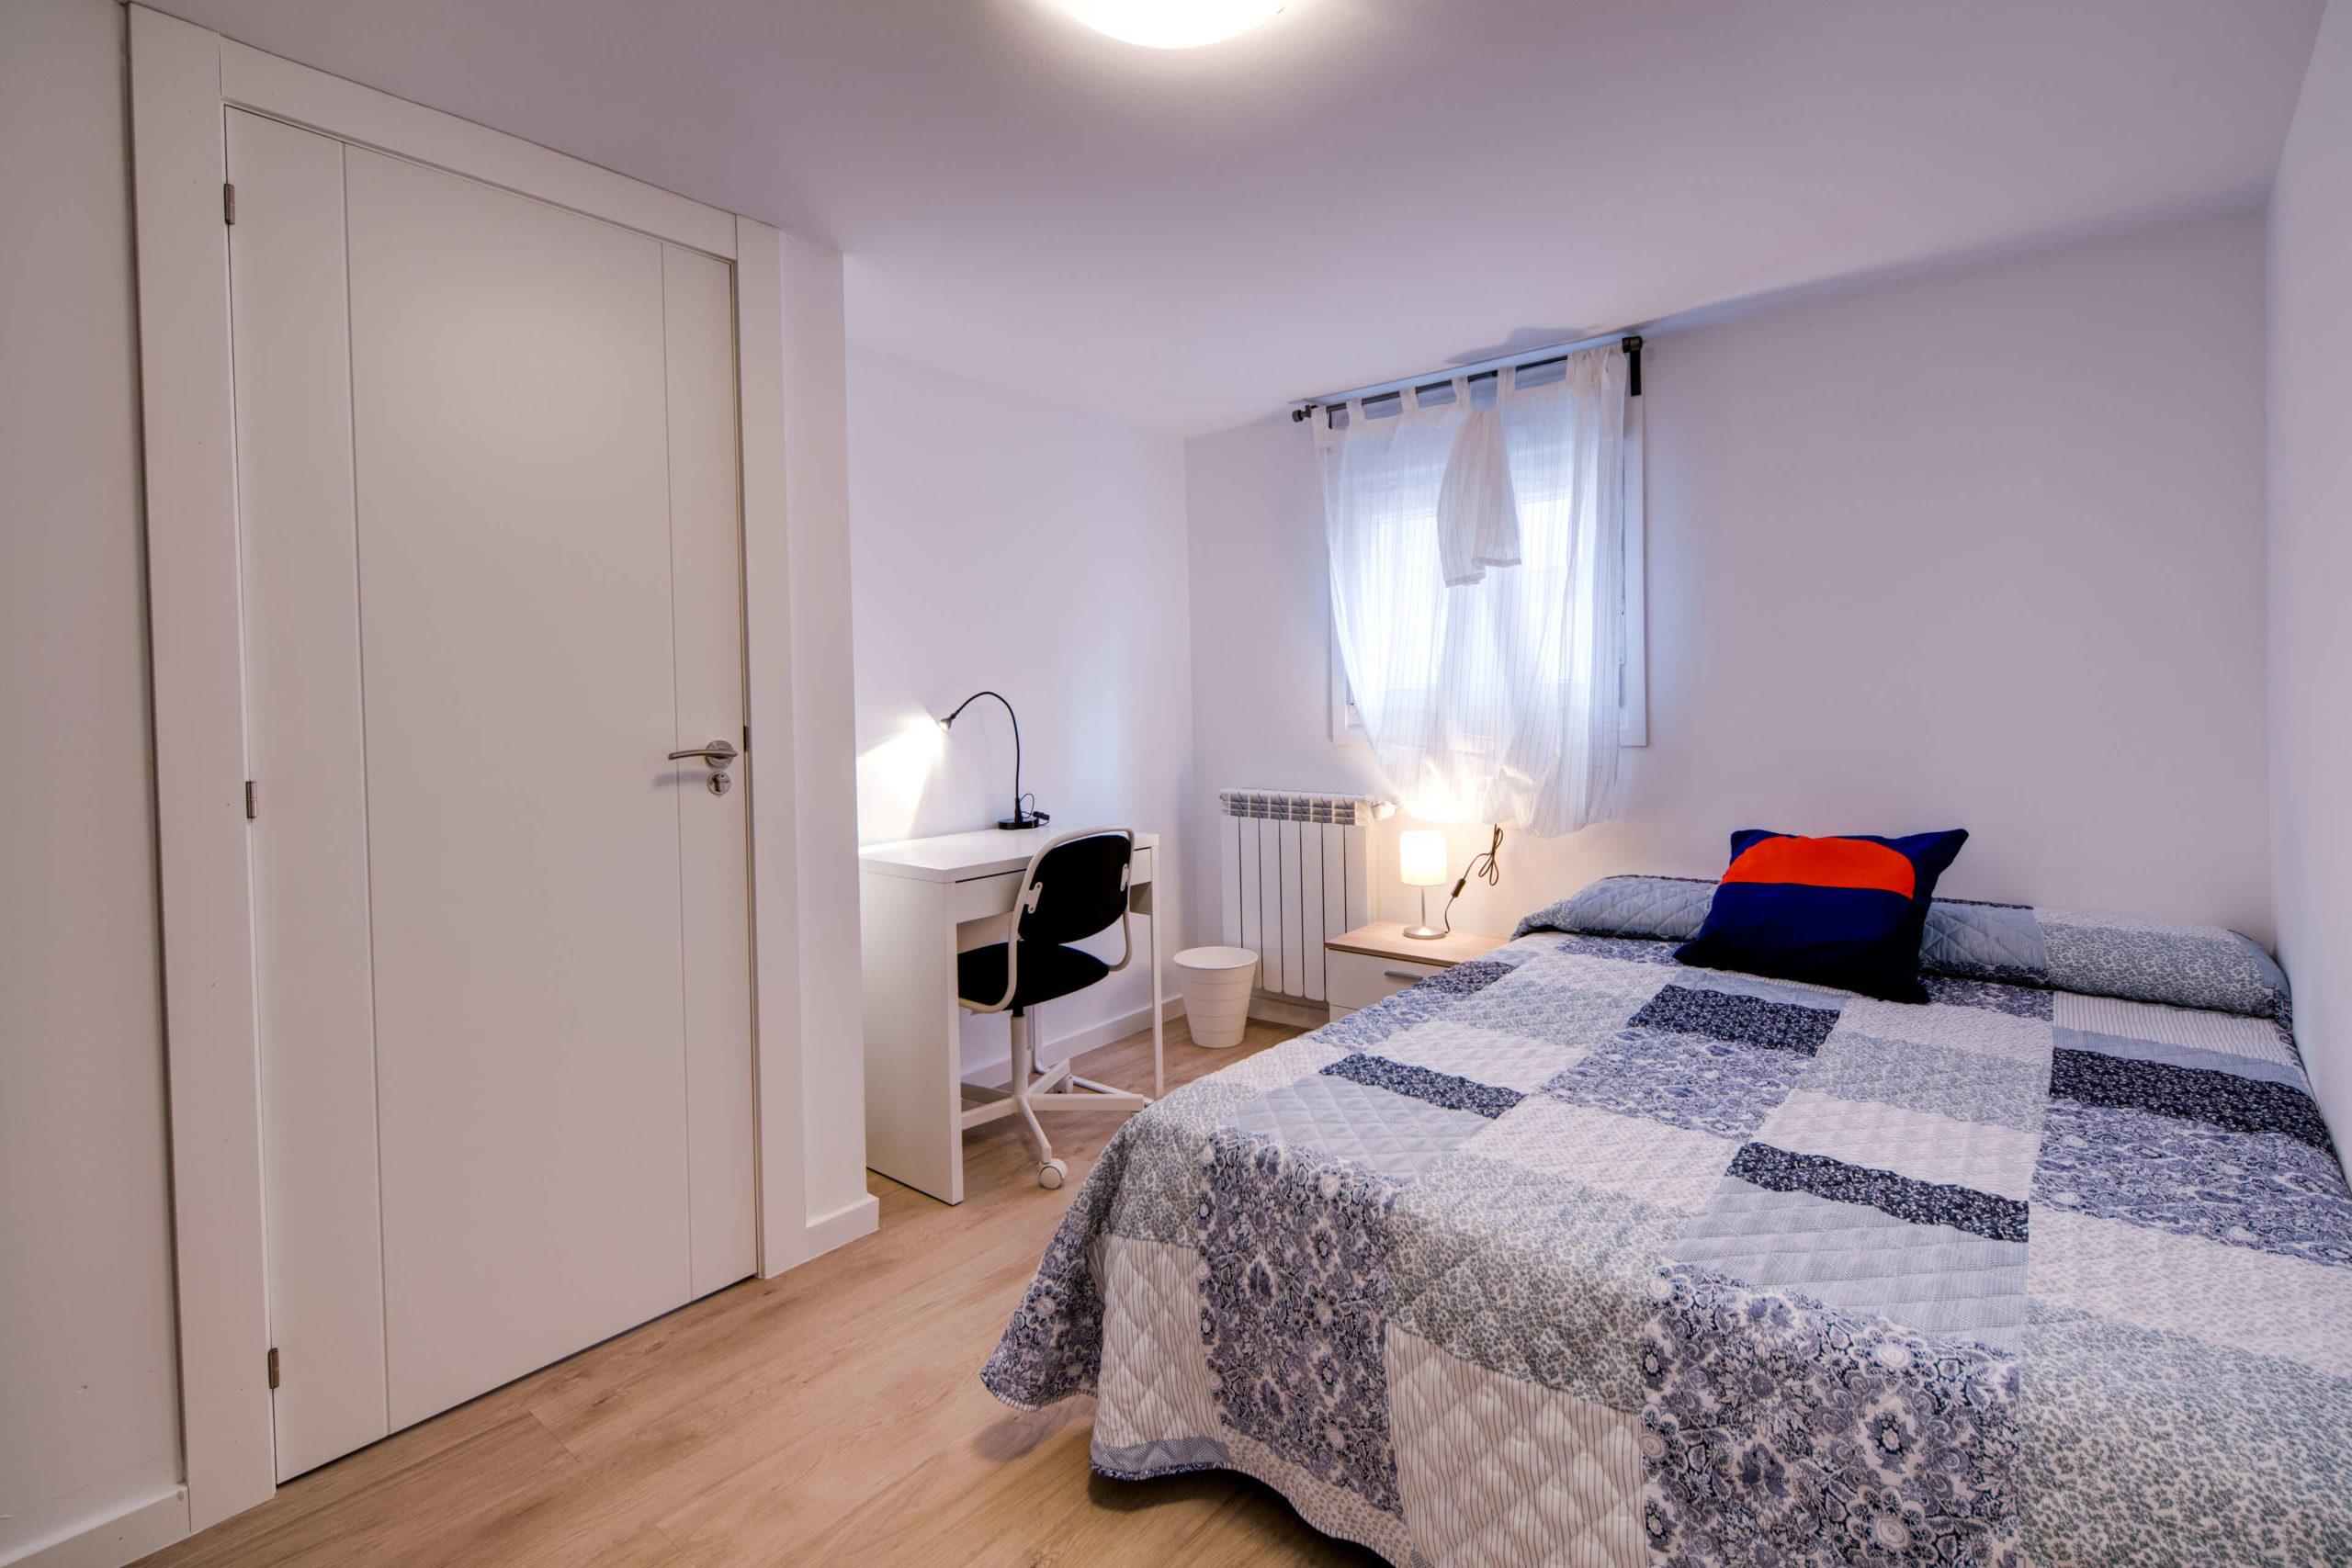 CYG alquiler piso centrico zaragoza poppy rooms